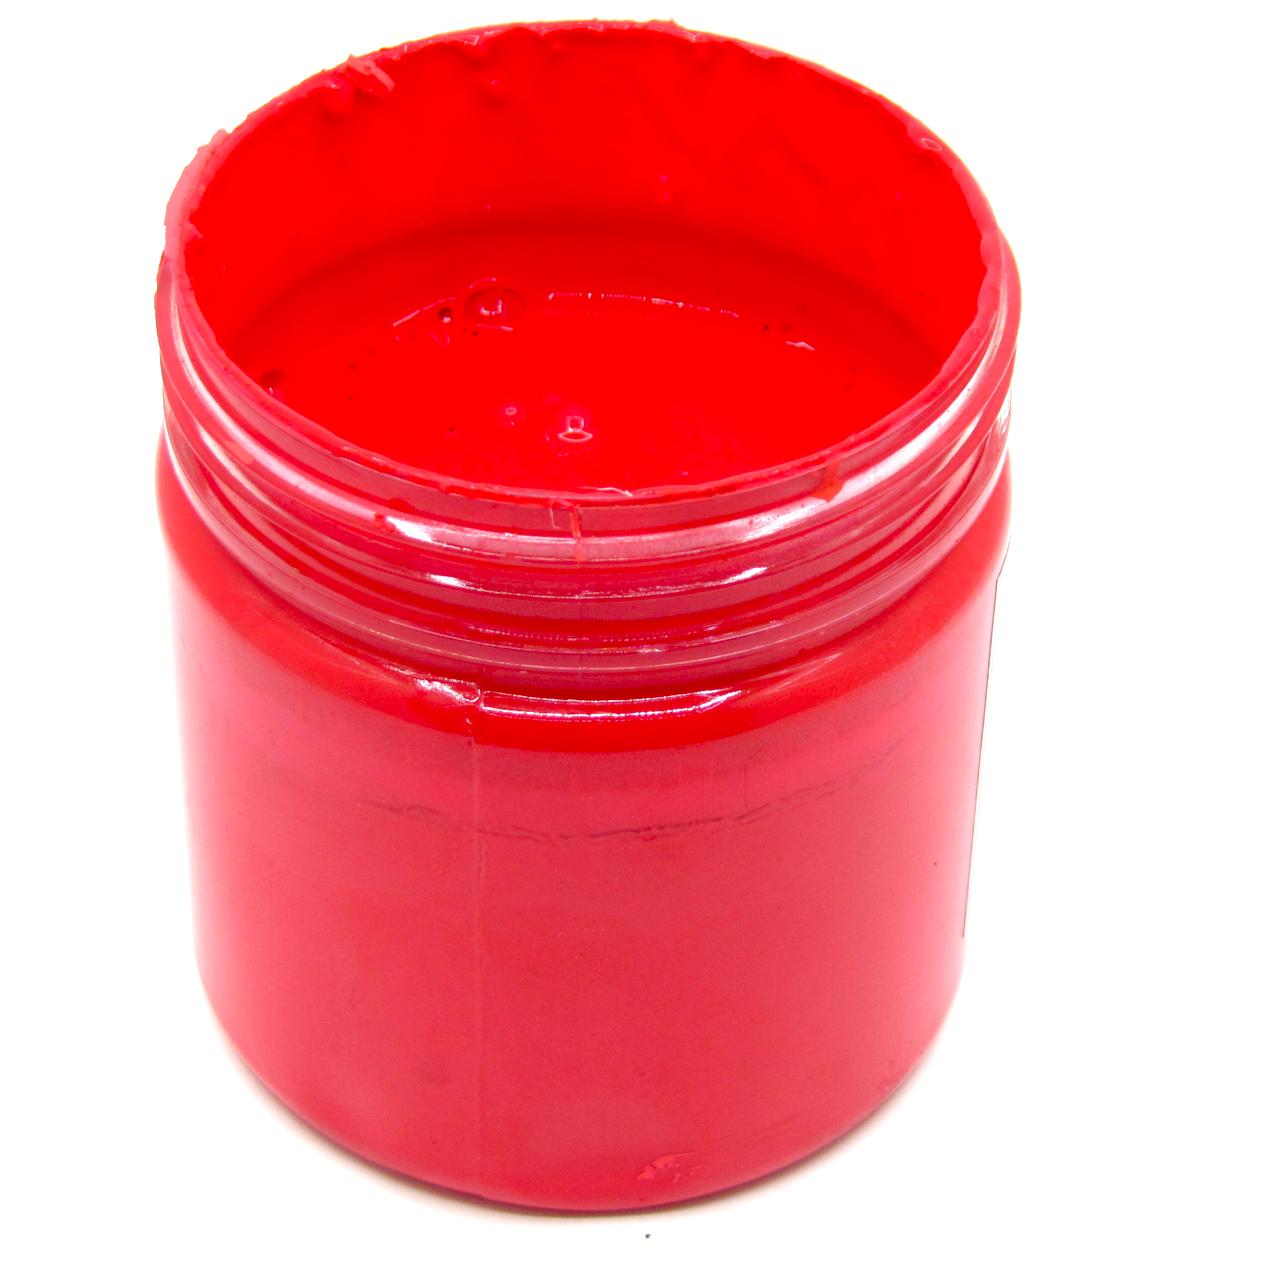 قیمت                                      رنگ قرمز پارسیفام مدل 01 وزن 350 گرم